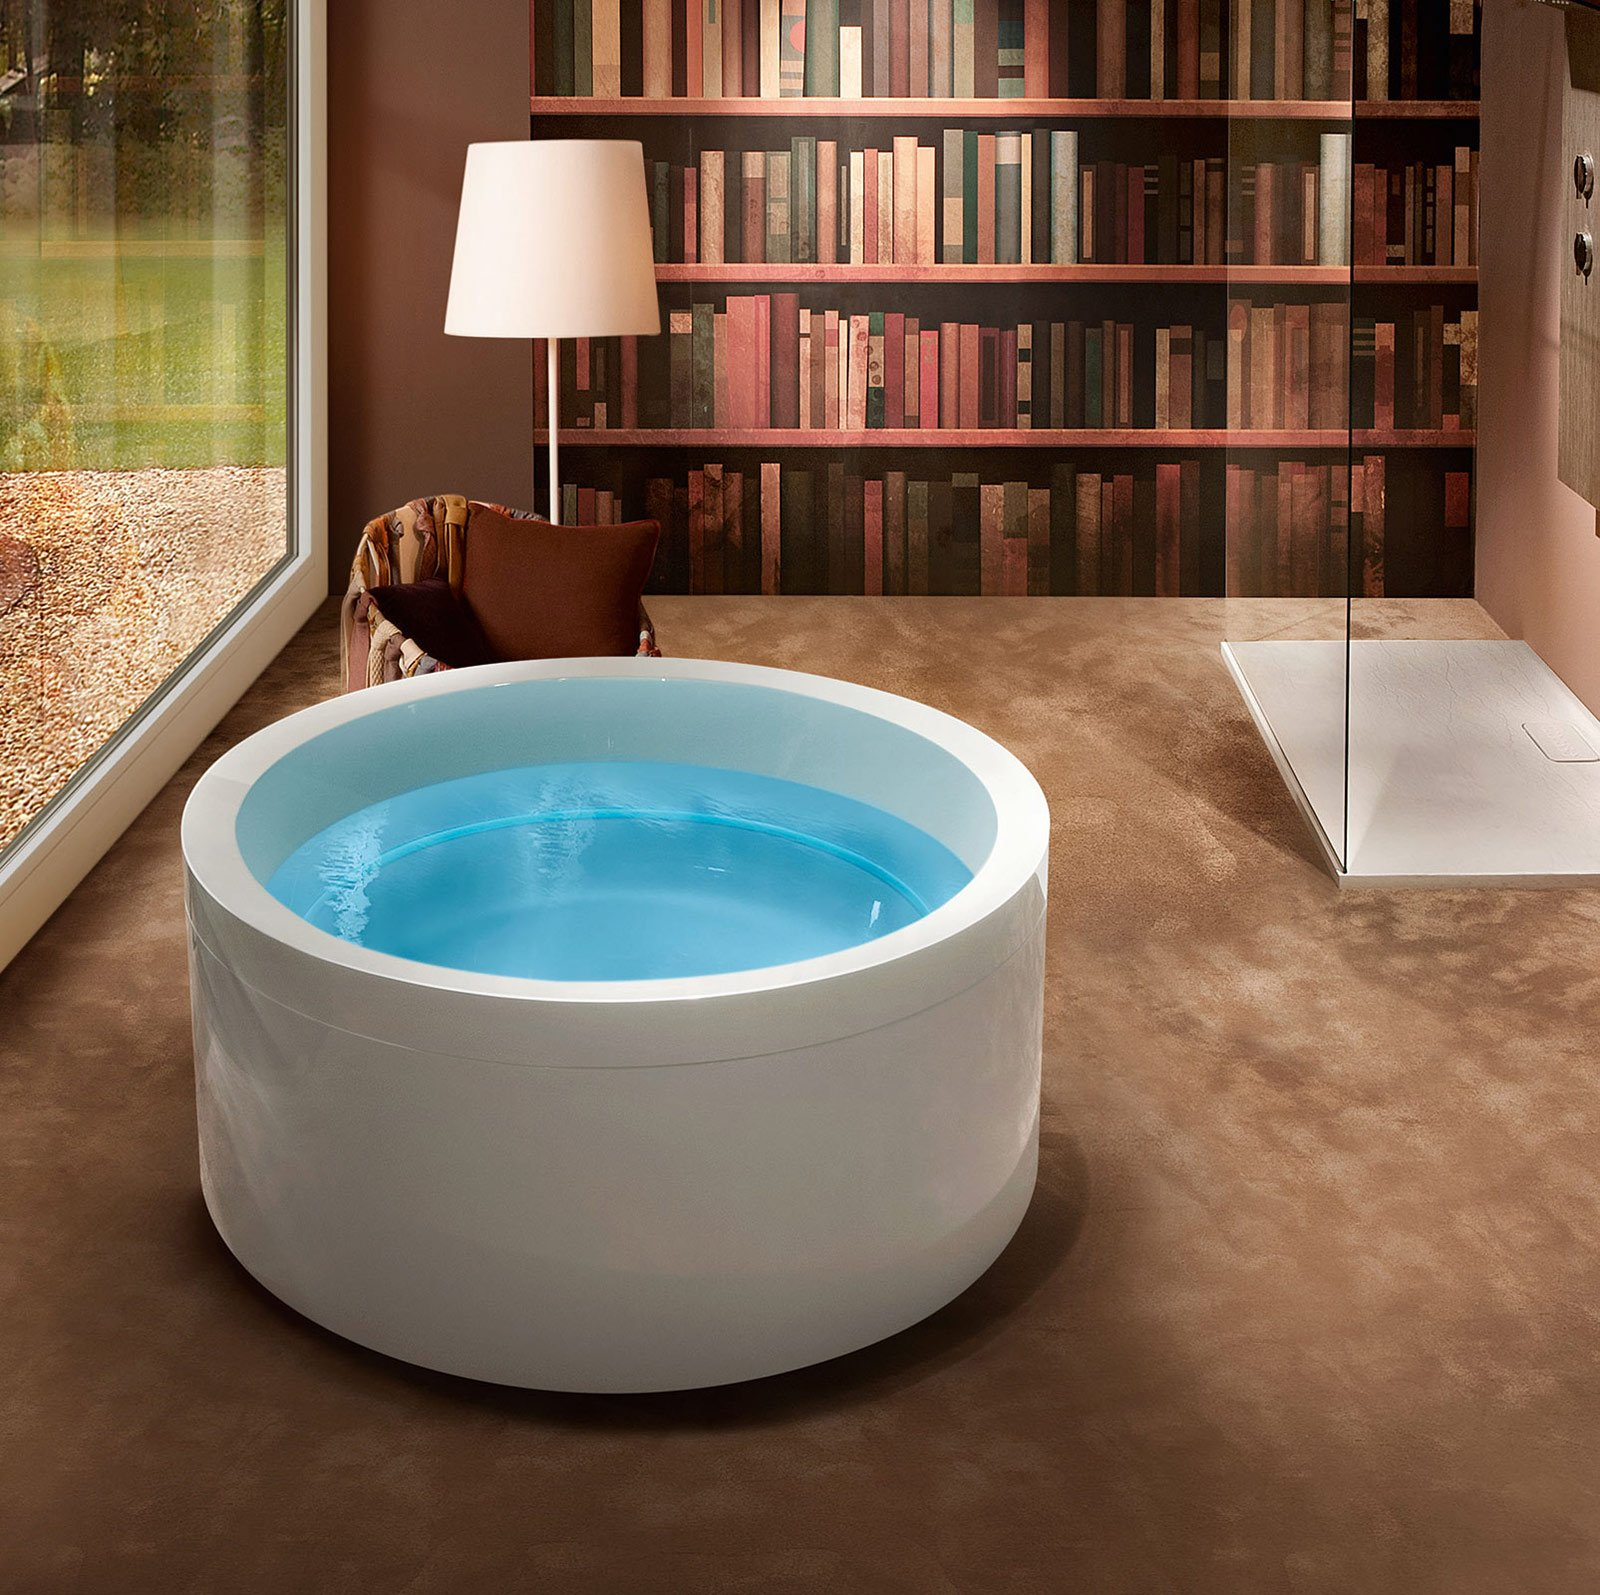 Vasche idromassaggio bollicine di benessere cose di casa - Treesse vasche da bagno ...